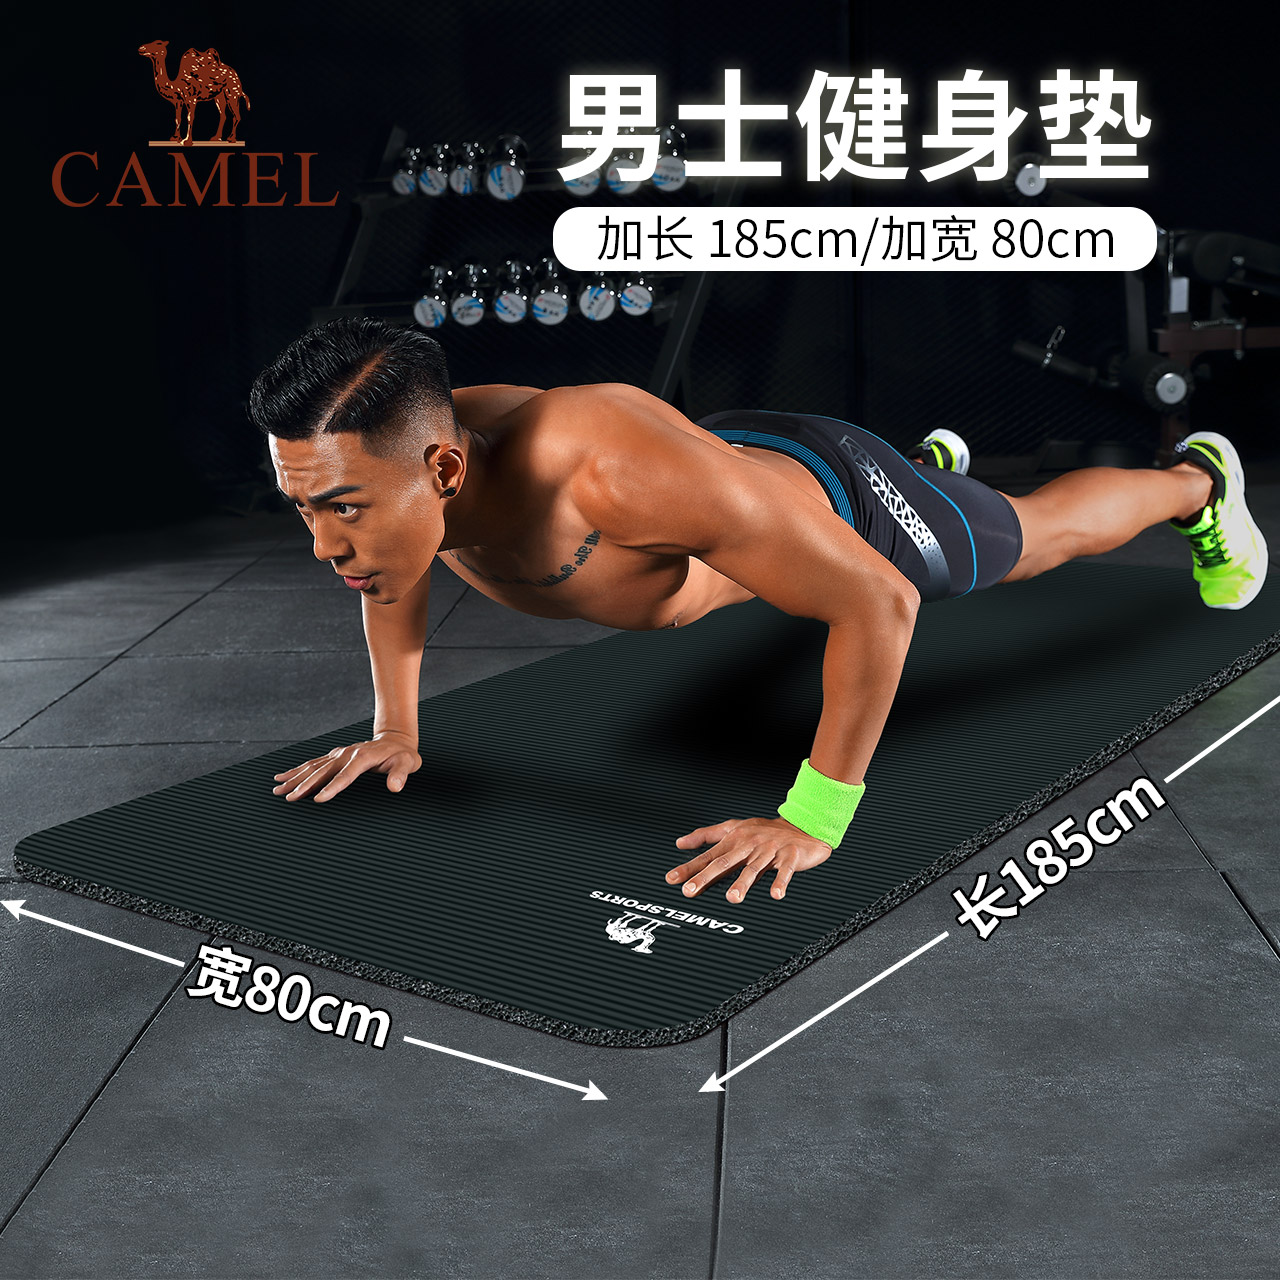 骆驼瑜伽垫初学者健身垫防滑加厚加宽加长运动瑜伽毯男士女瑜珈垫券后39.90元